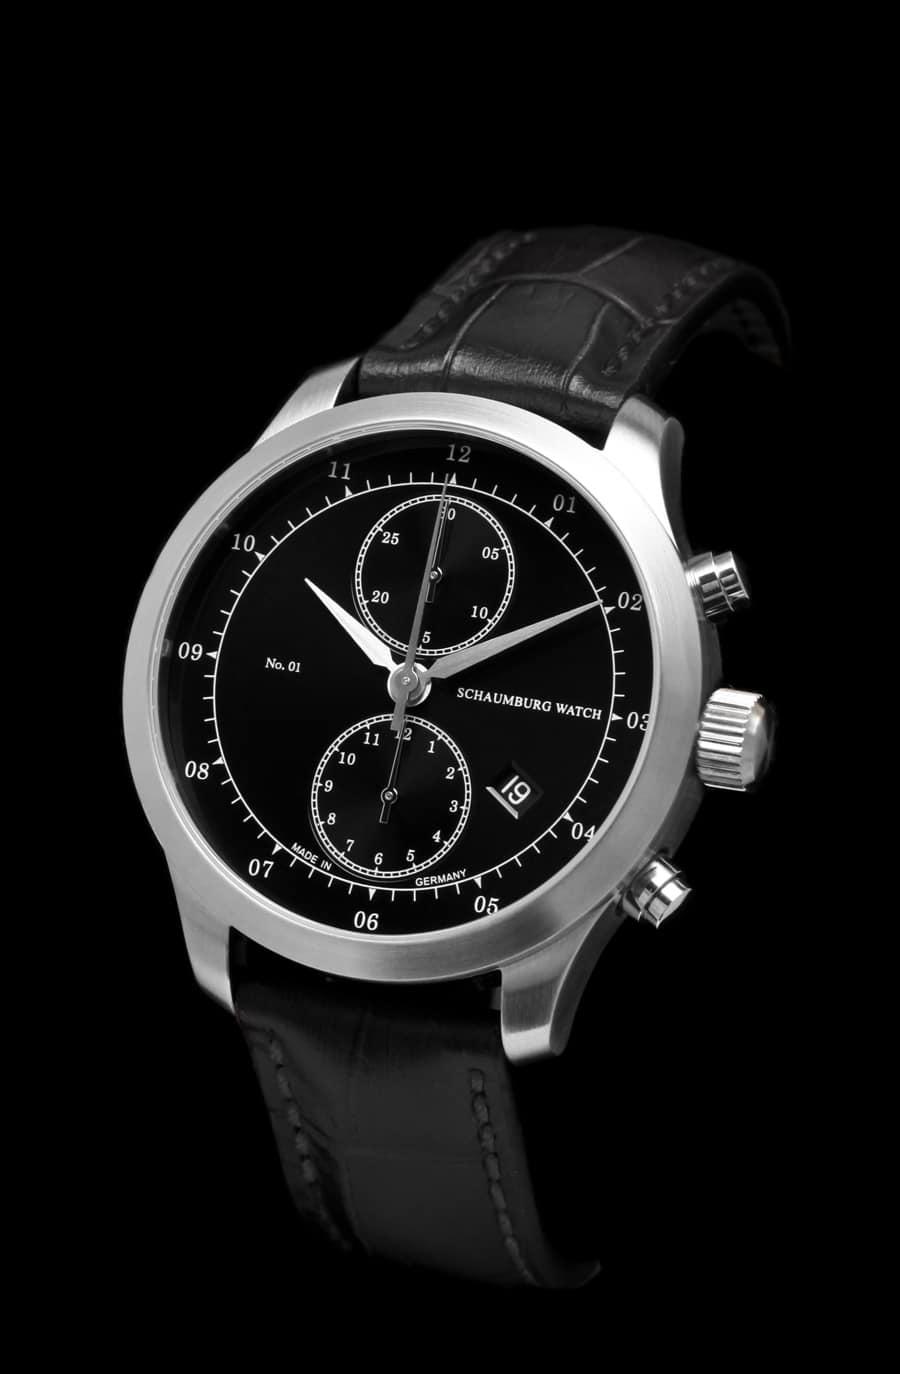 Schaumburg Watch: Chronograph No.01, schwarzes Zifferblatt